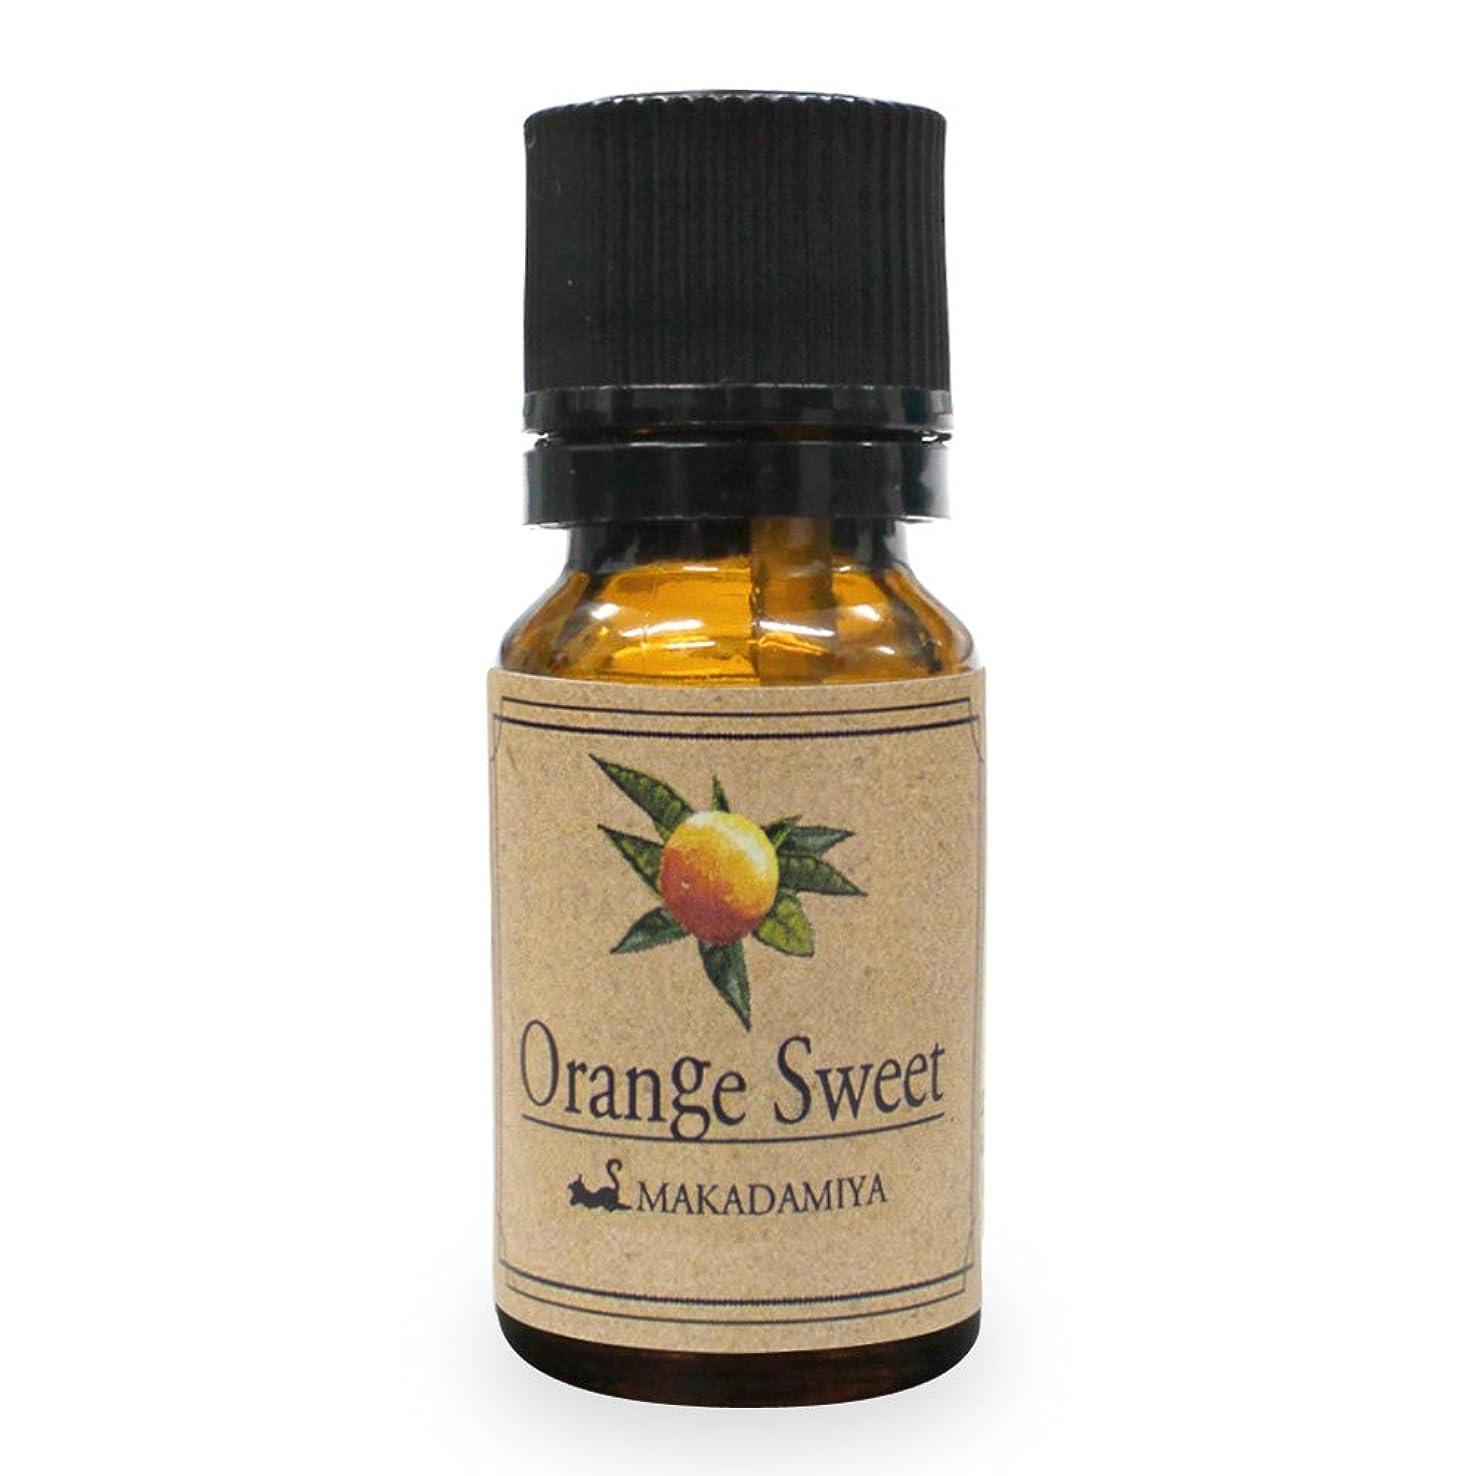 将来のまでバラエティオレンジ?スイート10ml 天然100%植物性 エッセンシャルオイル(精油) アロマオイル アロママッサージ aroma Orange S.